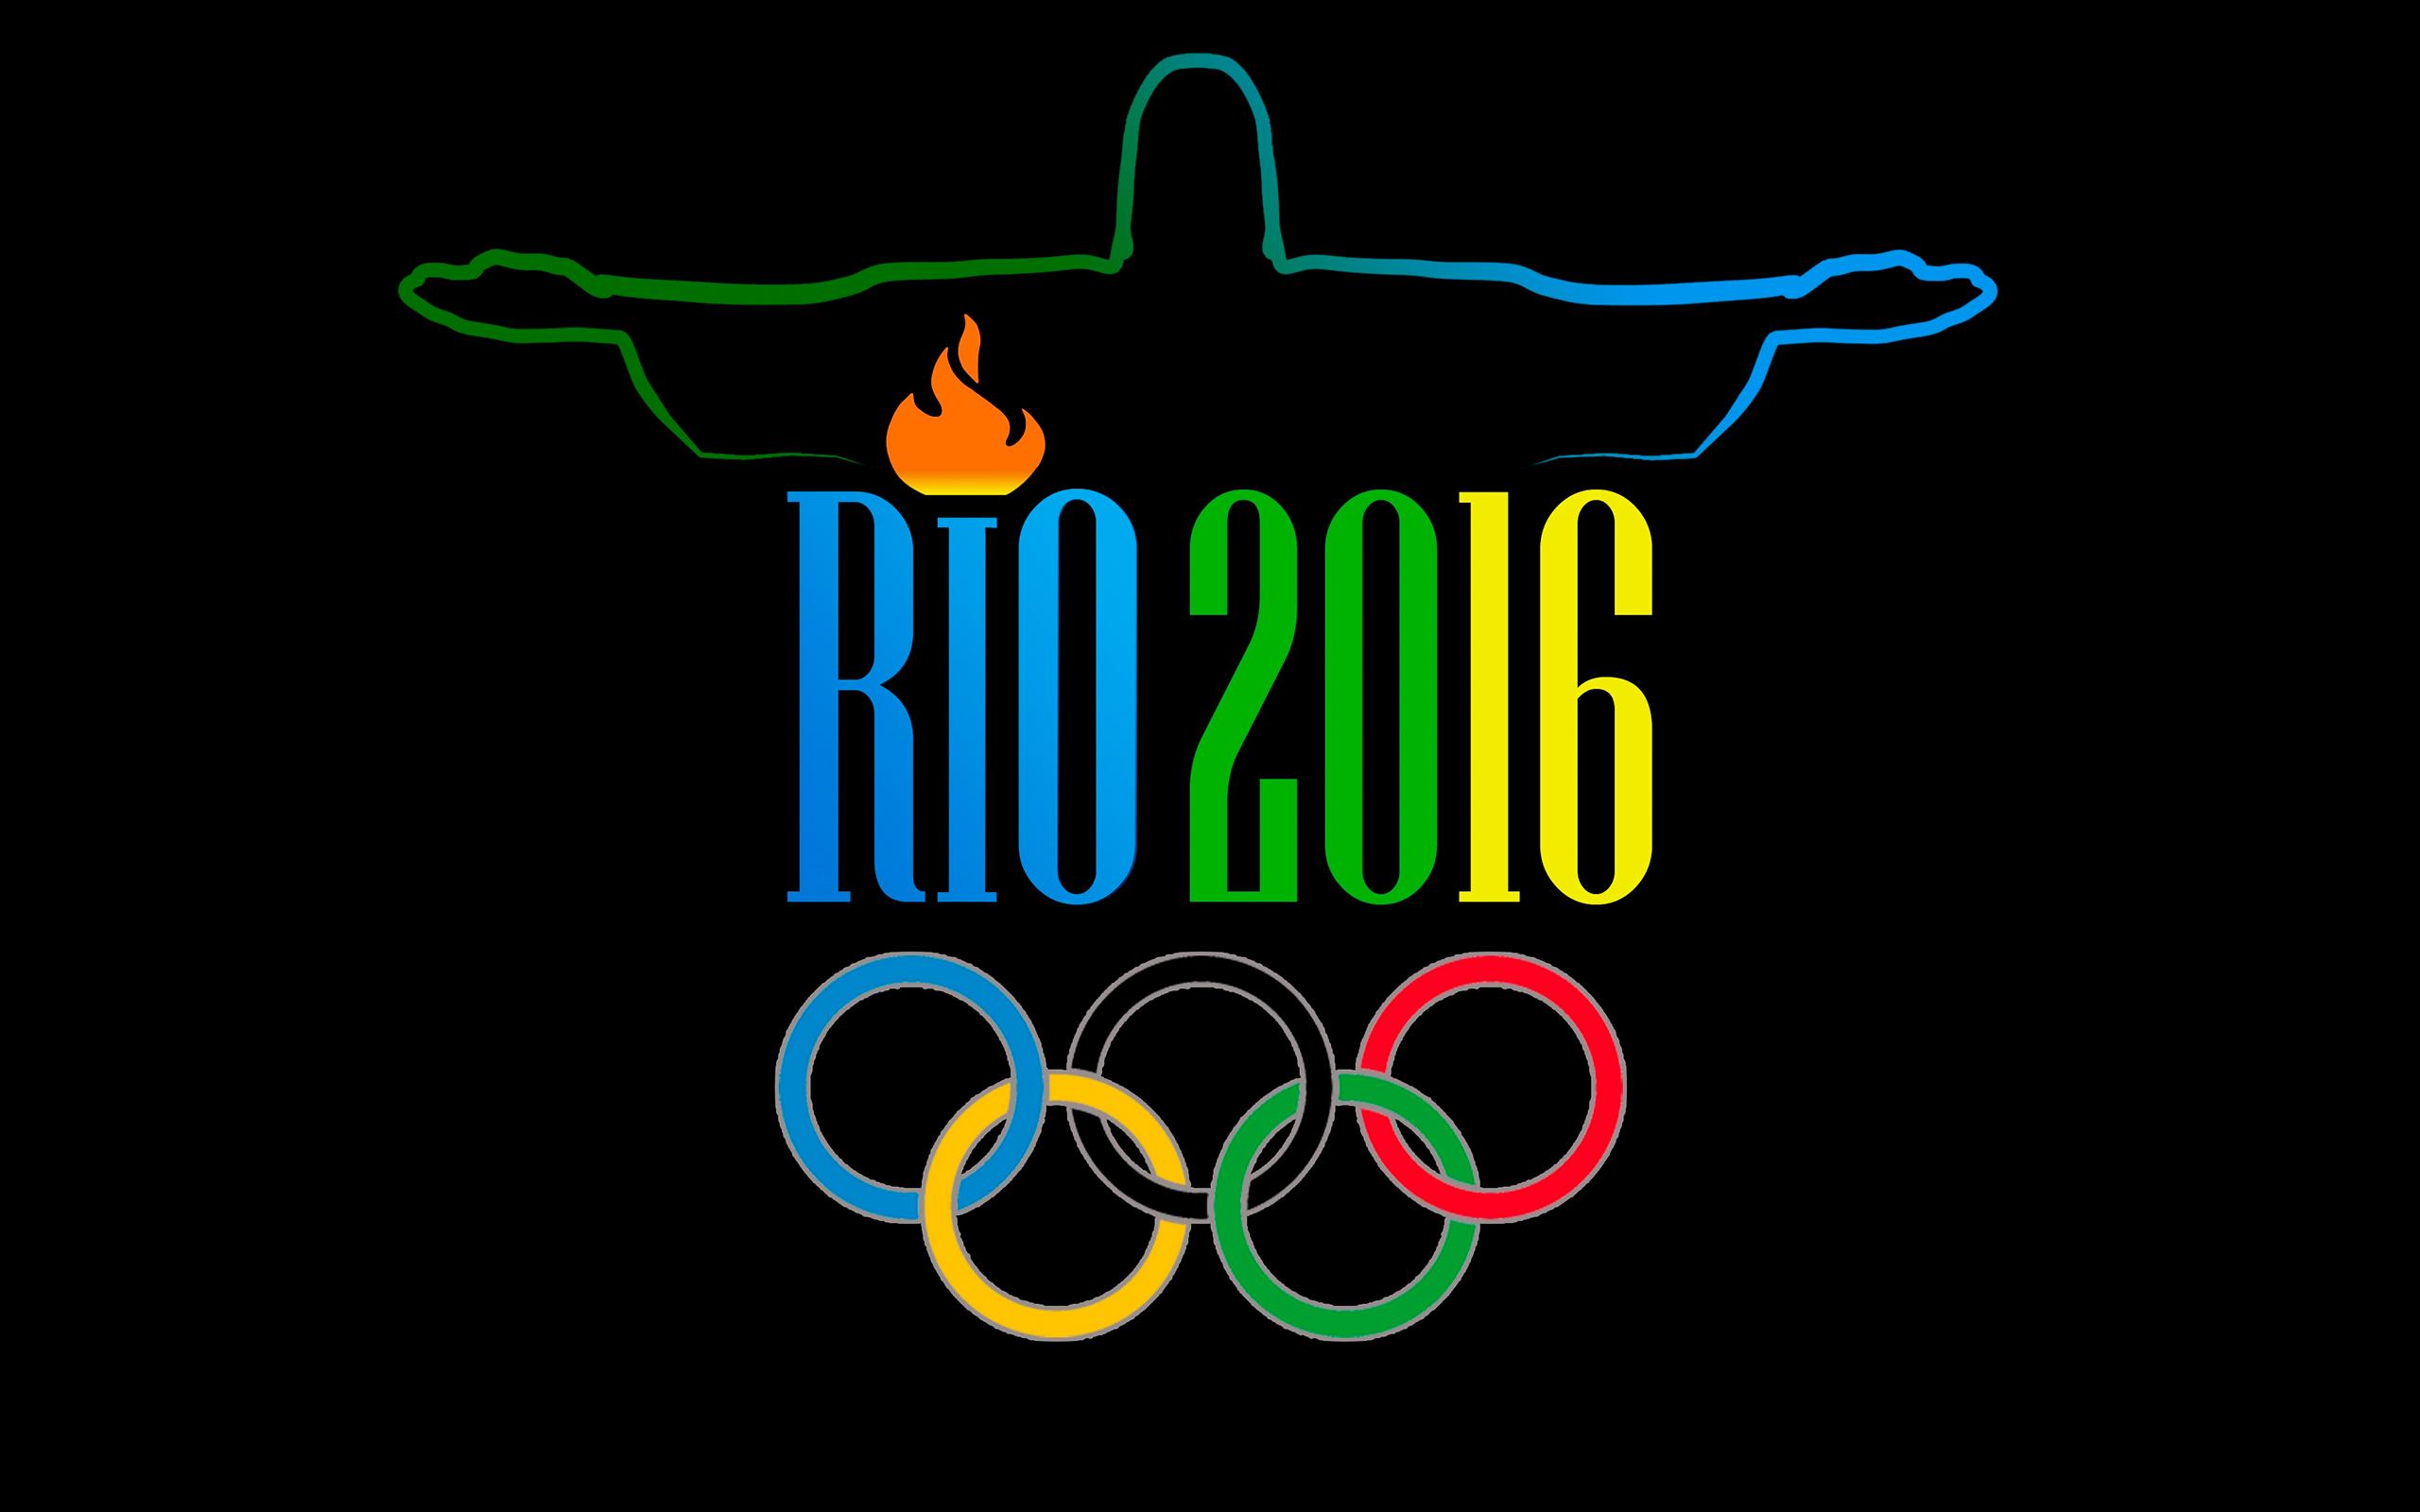 Олимпиада в рио 2016 медальный зачет - 6